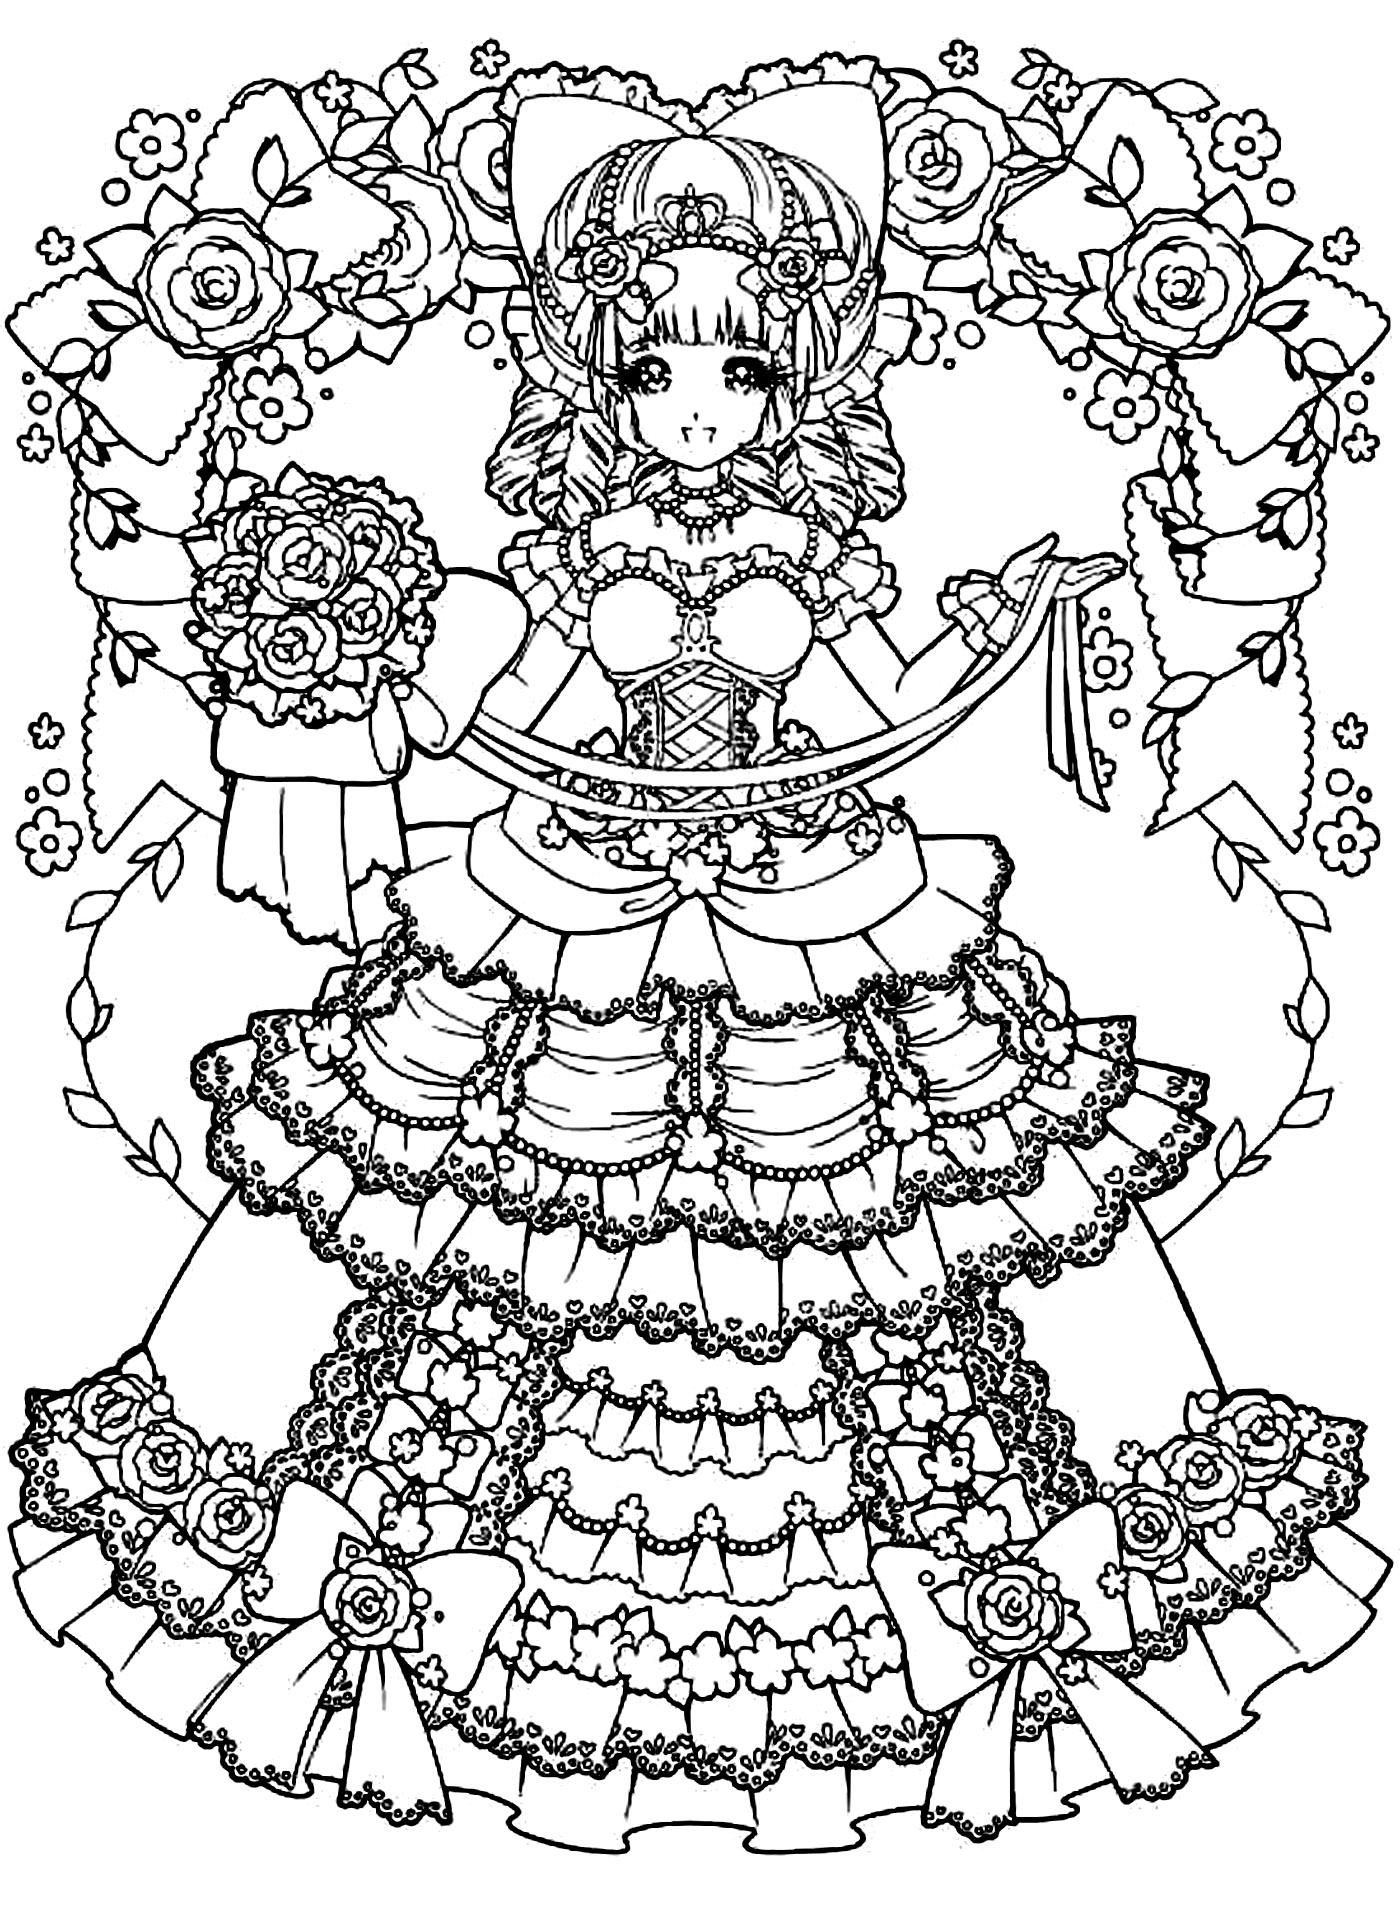 Disegni da colorare per adulti : Mangas - 10